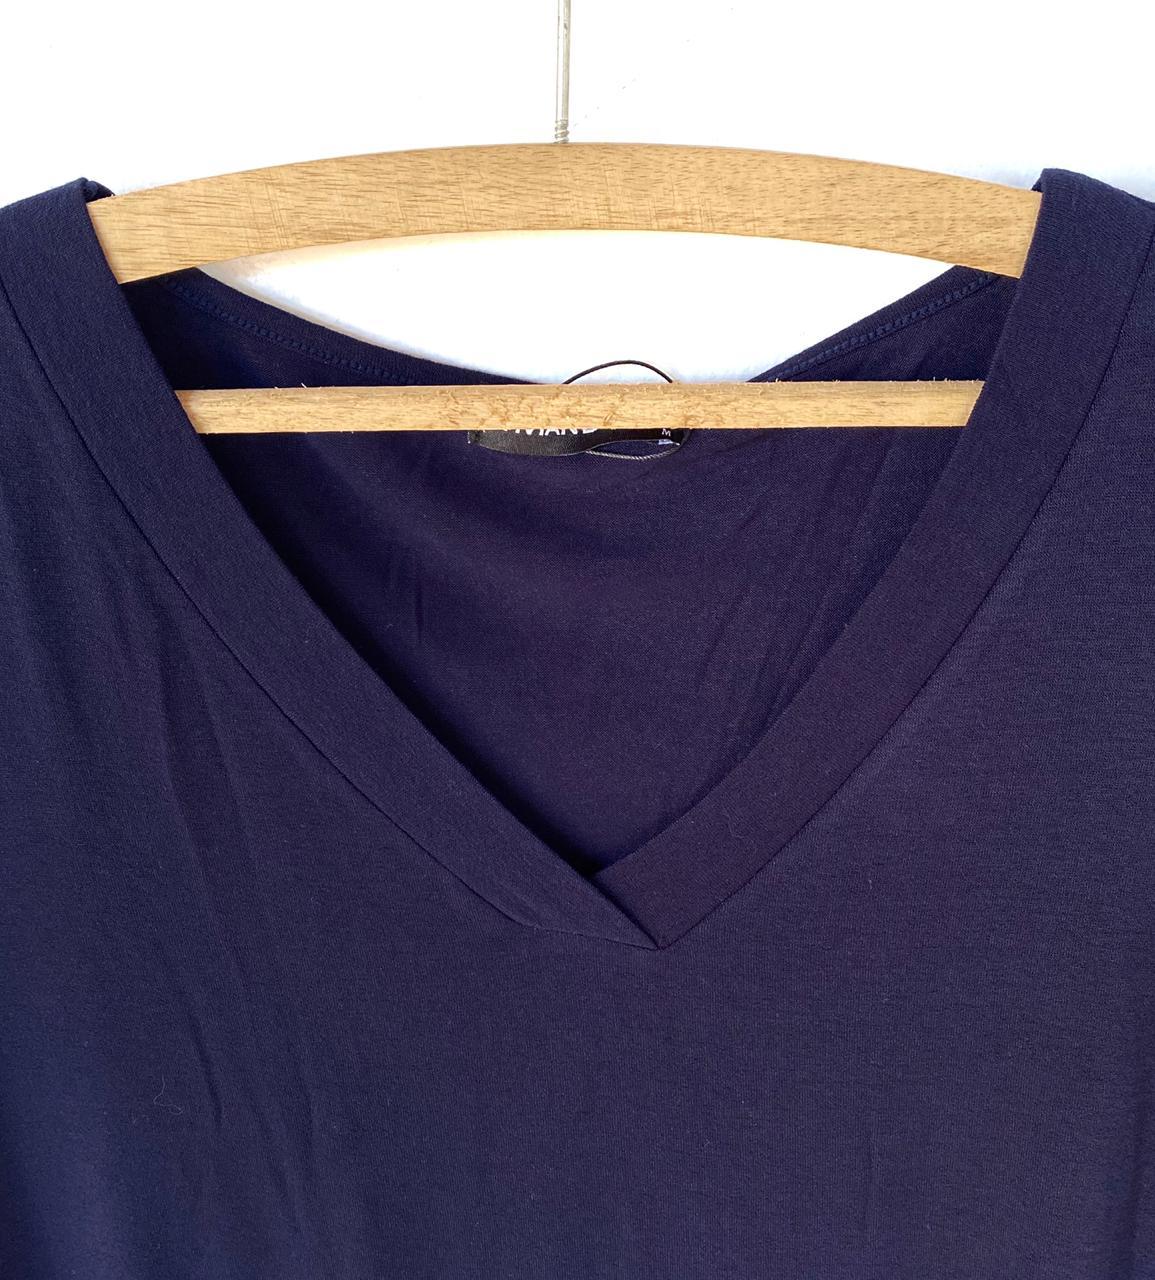 Camiseta V azul marinho  - Vivian Bógus